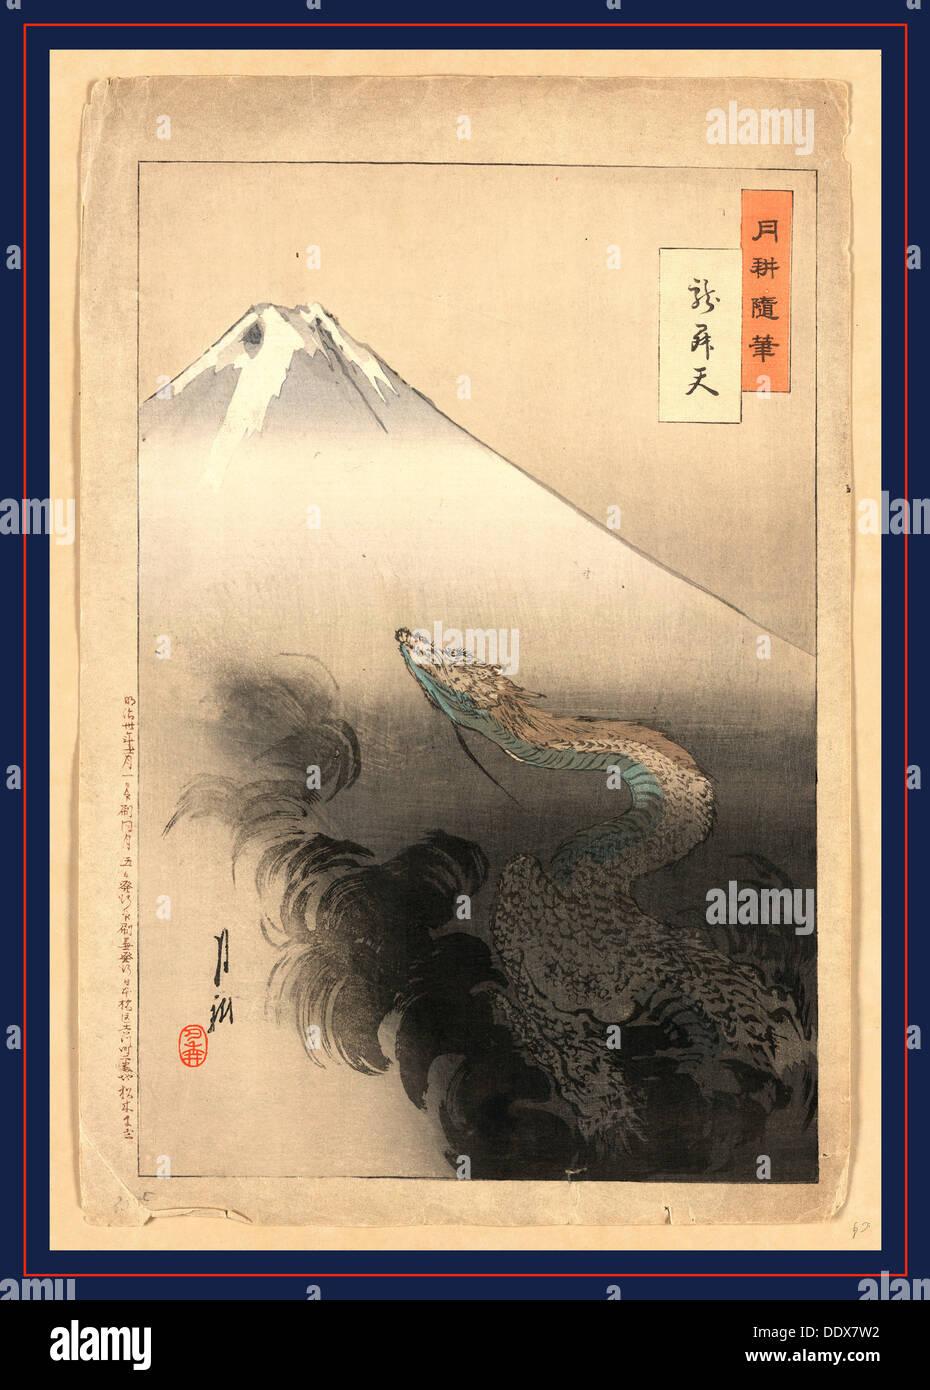 Ryu shoten, Dragon Rising, a los cielos. 1897., 1 Imprimir : xilografía, color ; 37,5 x 24,7 cm., impresión muestra a una serpiente o un dragón Imagen De Stock